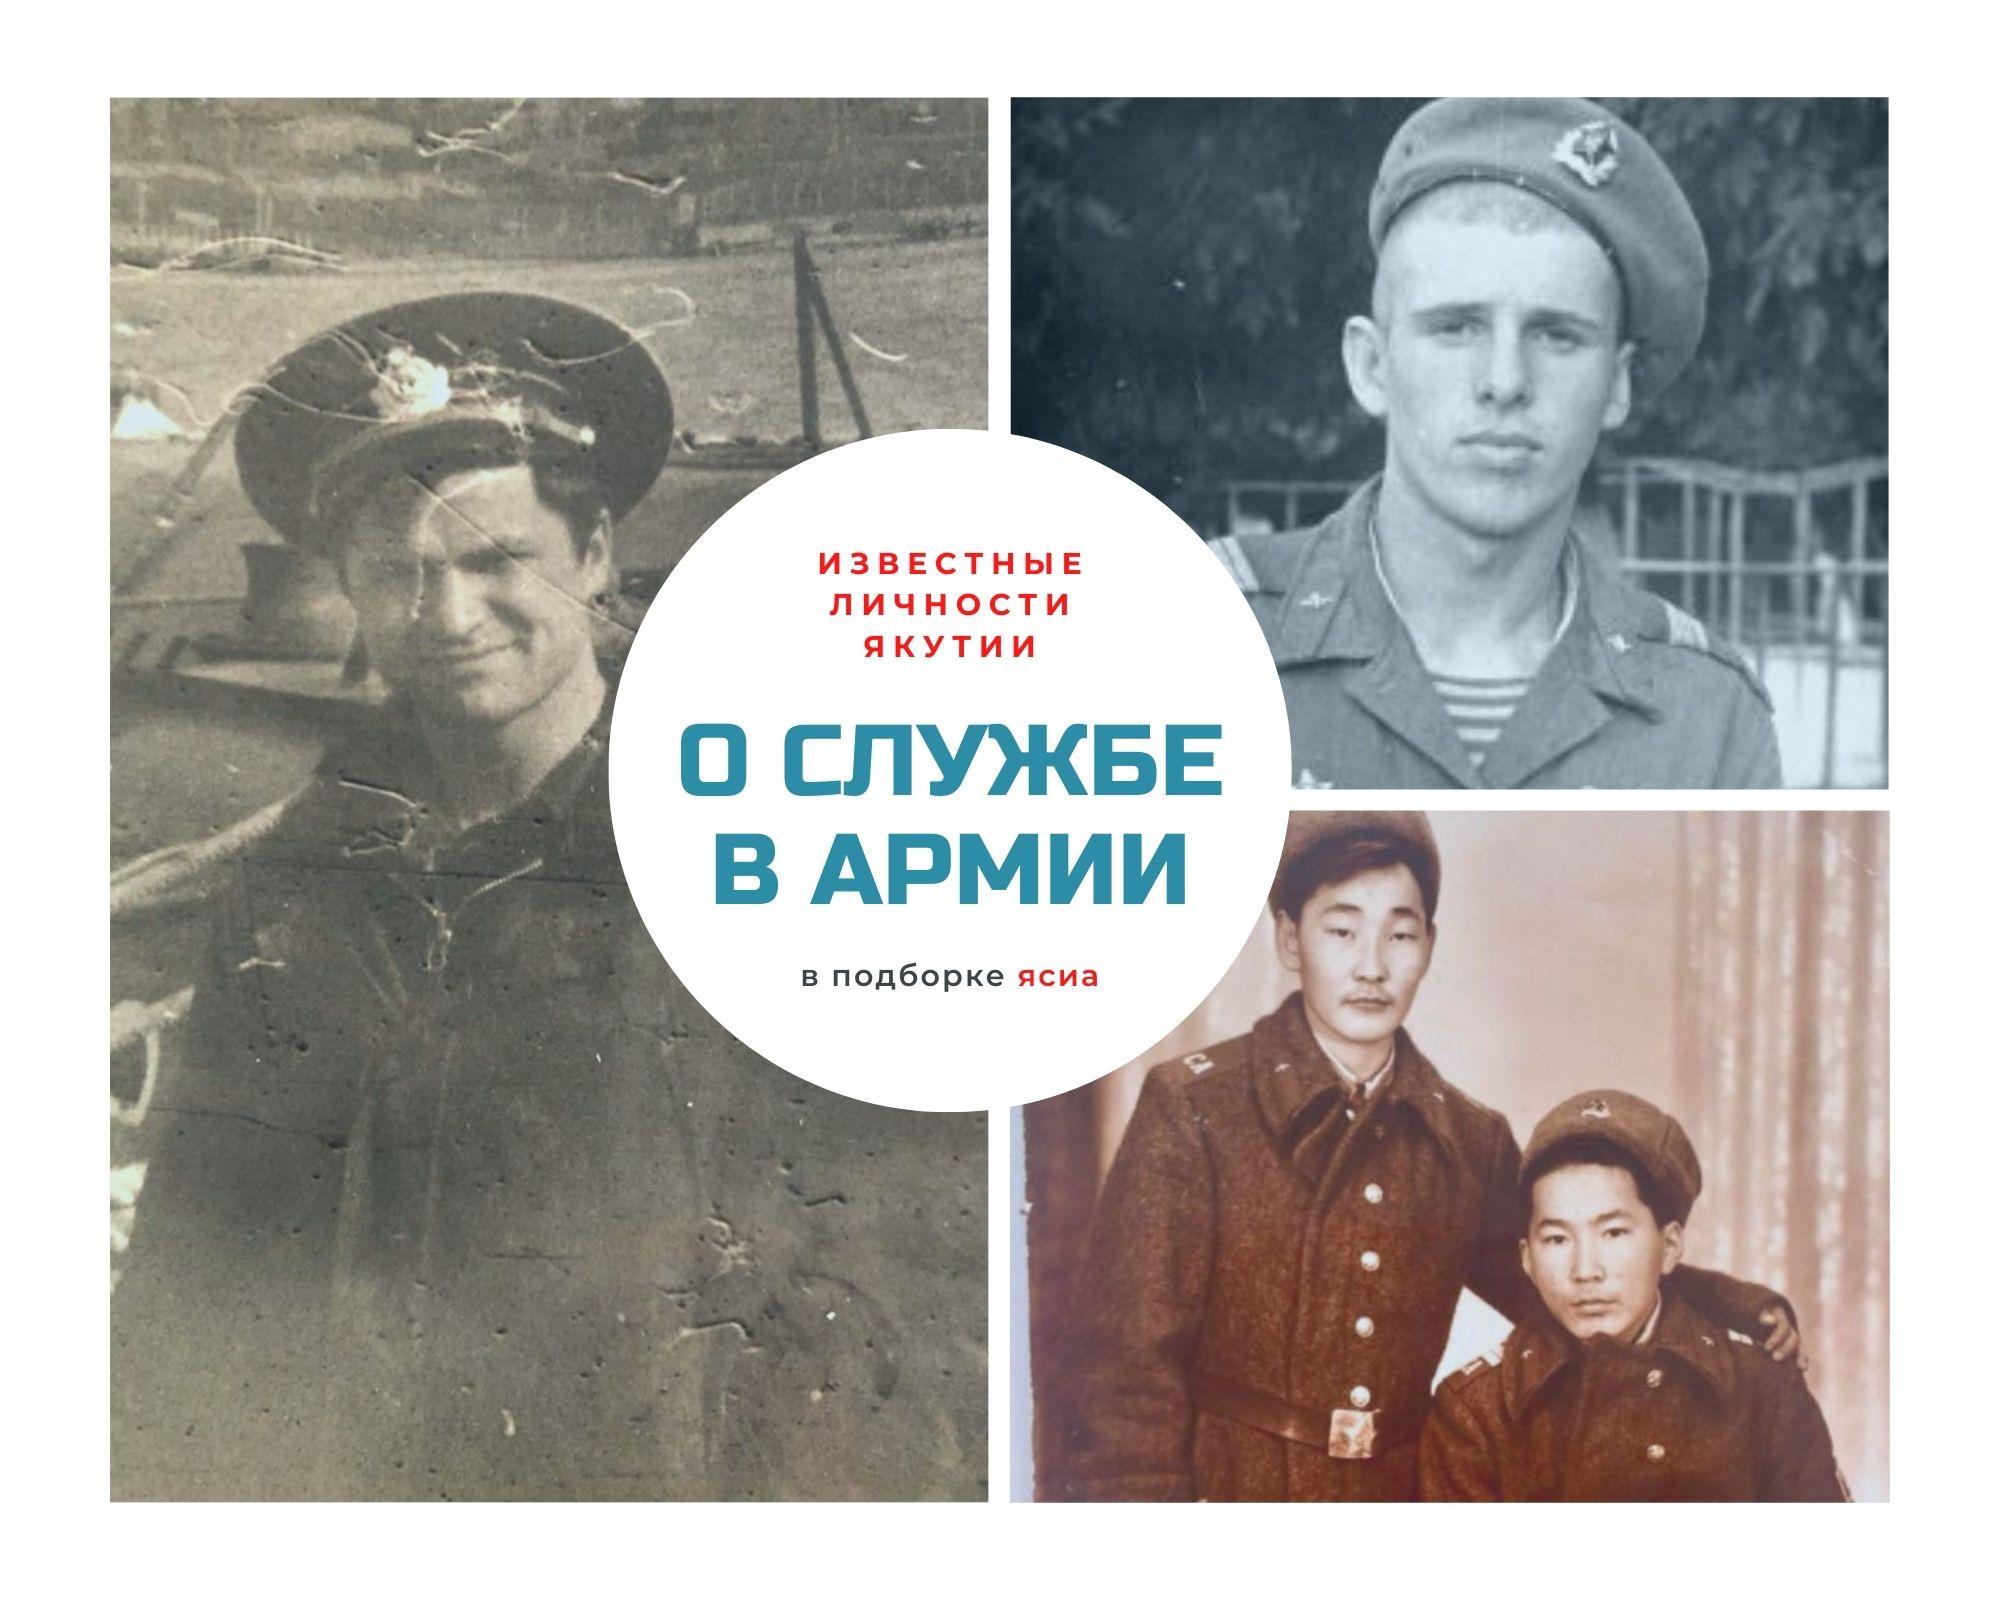 К Дню защитника Отечества. Известные личности Якутии о службе в армии